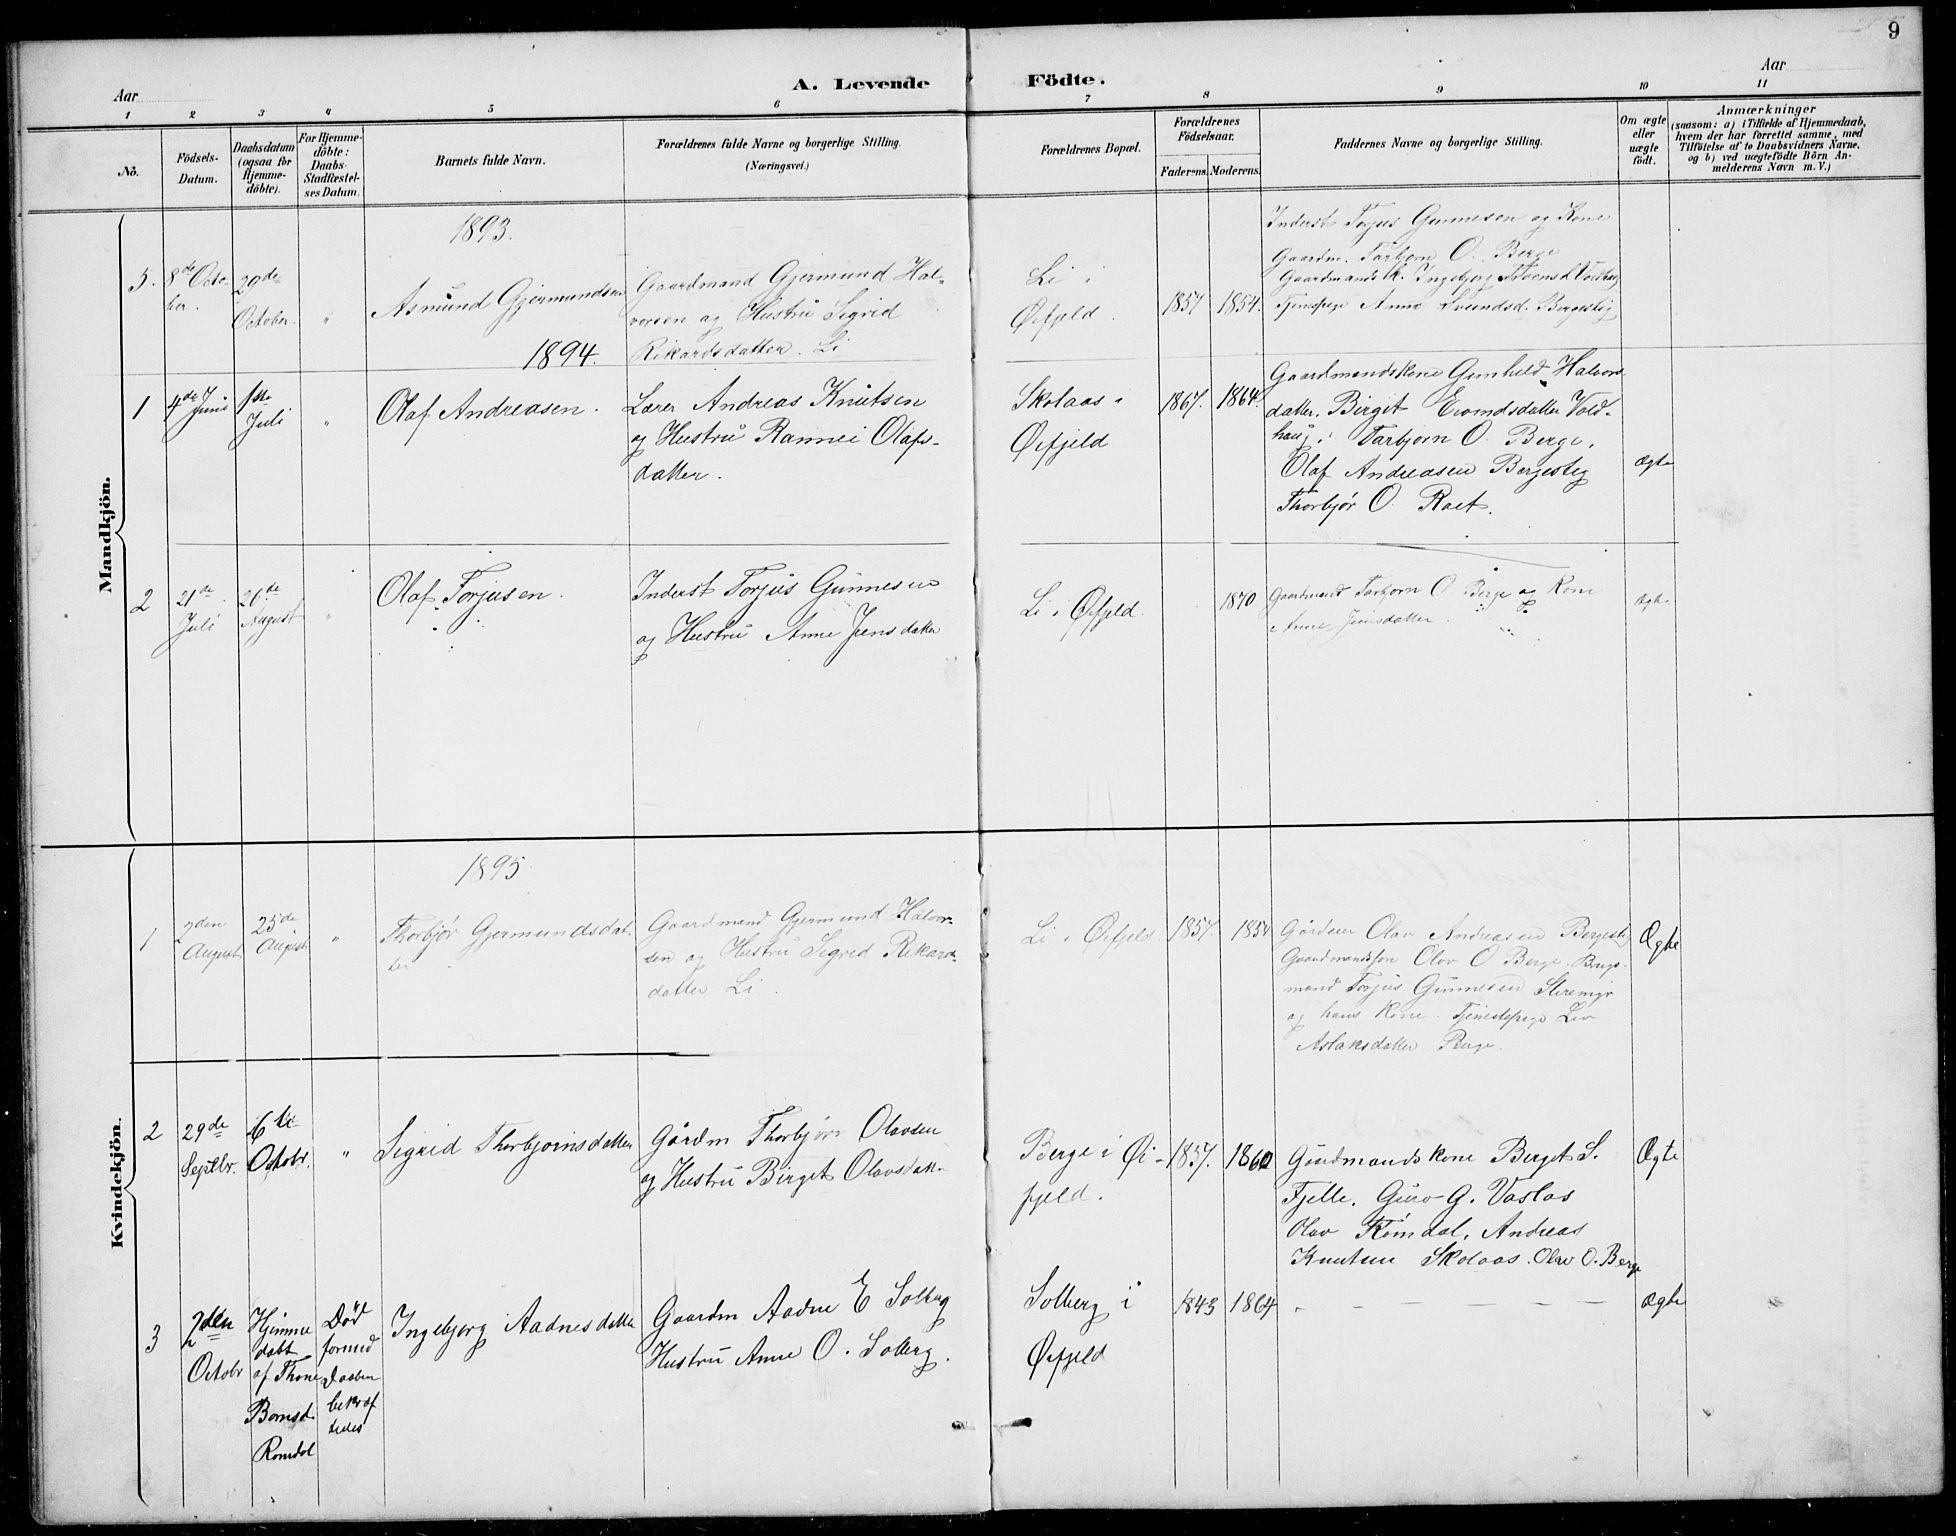 SAKO, Rauland kirkebøker, G/Gb/L0002: Klokkerbok nr. II 2, 1887-1937, s. 9